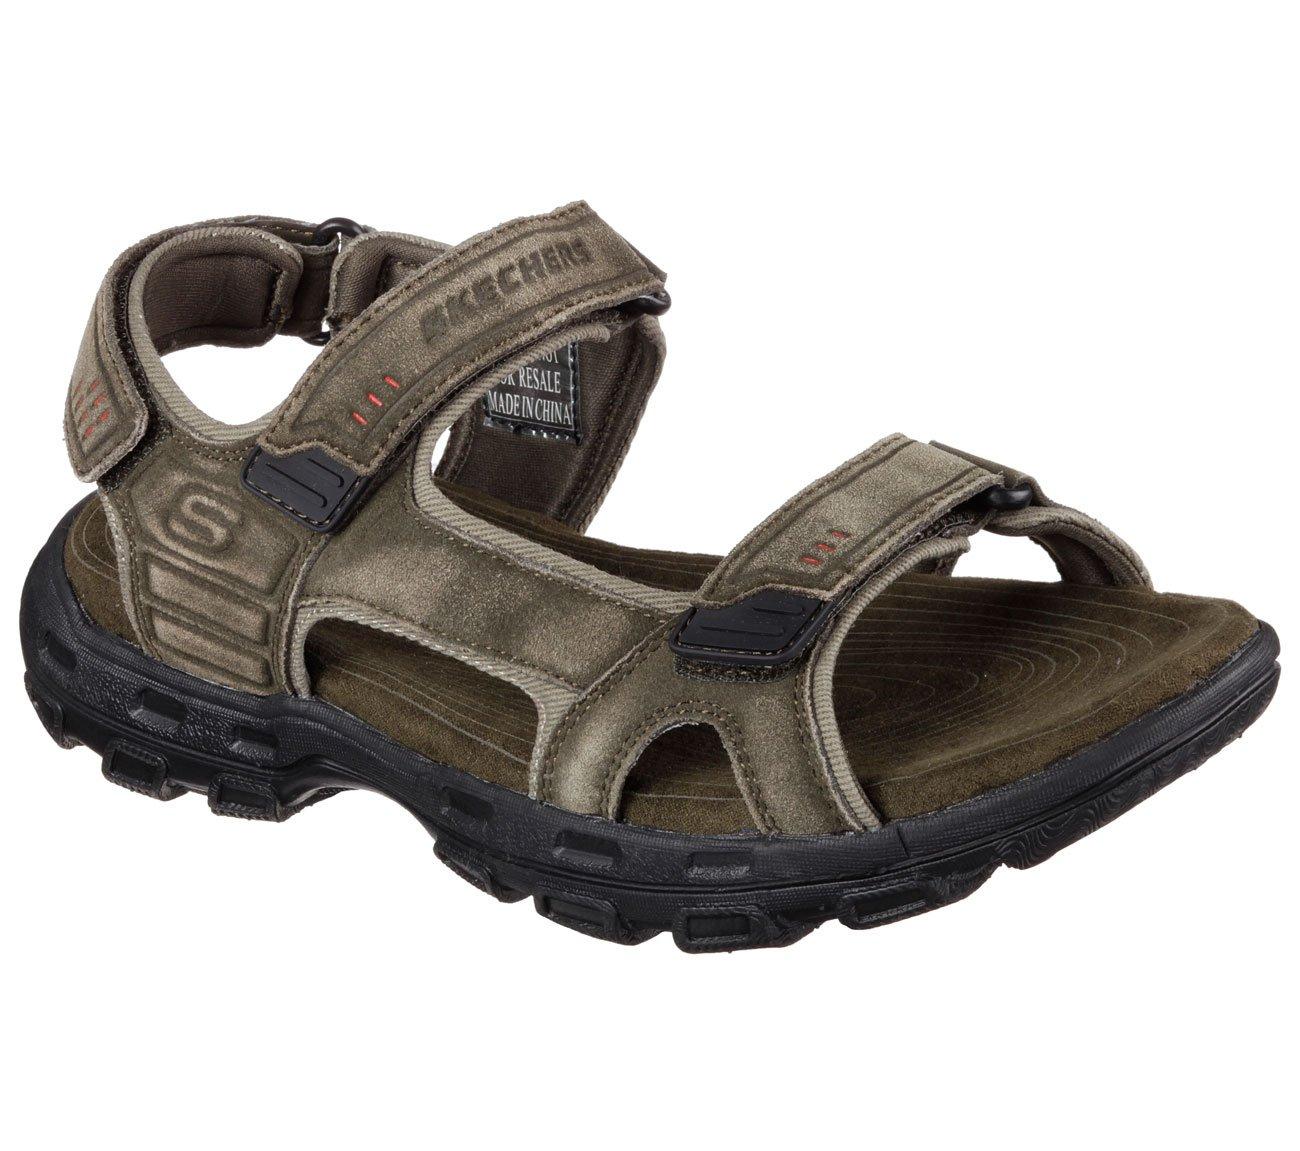 Skechers Men's GARVER - Louden Athletic Sandals 64487